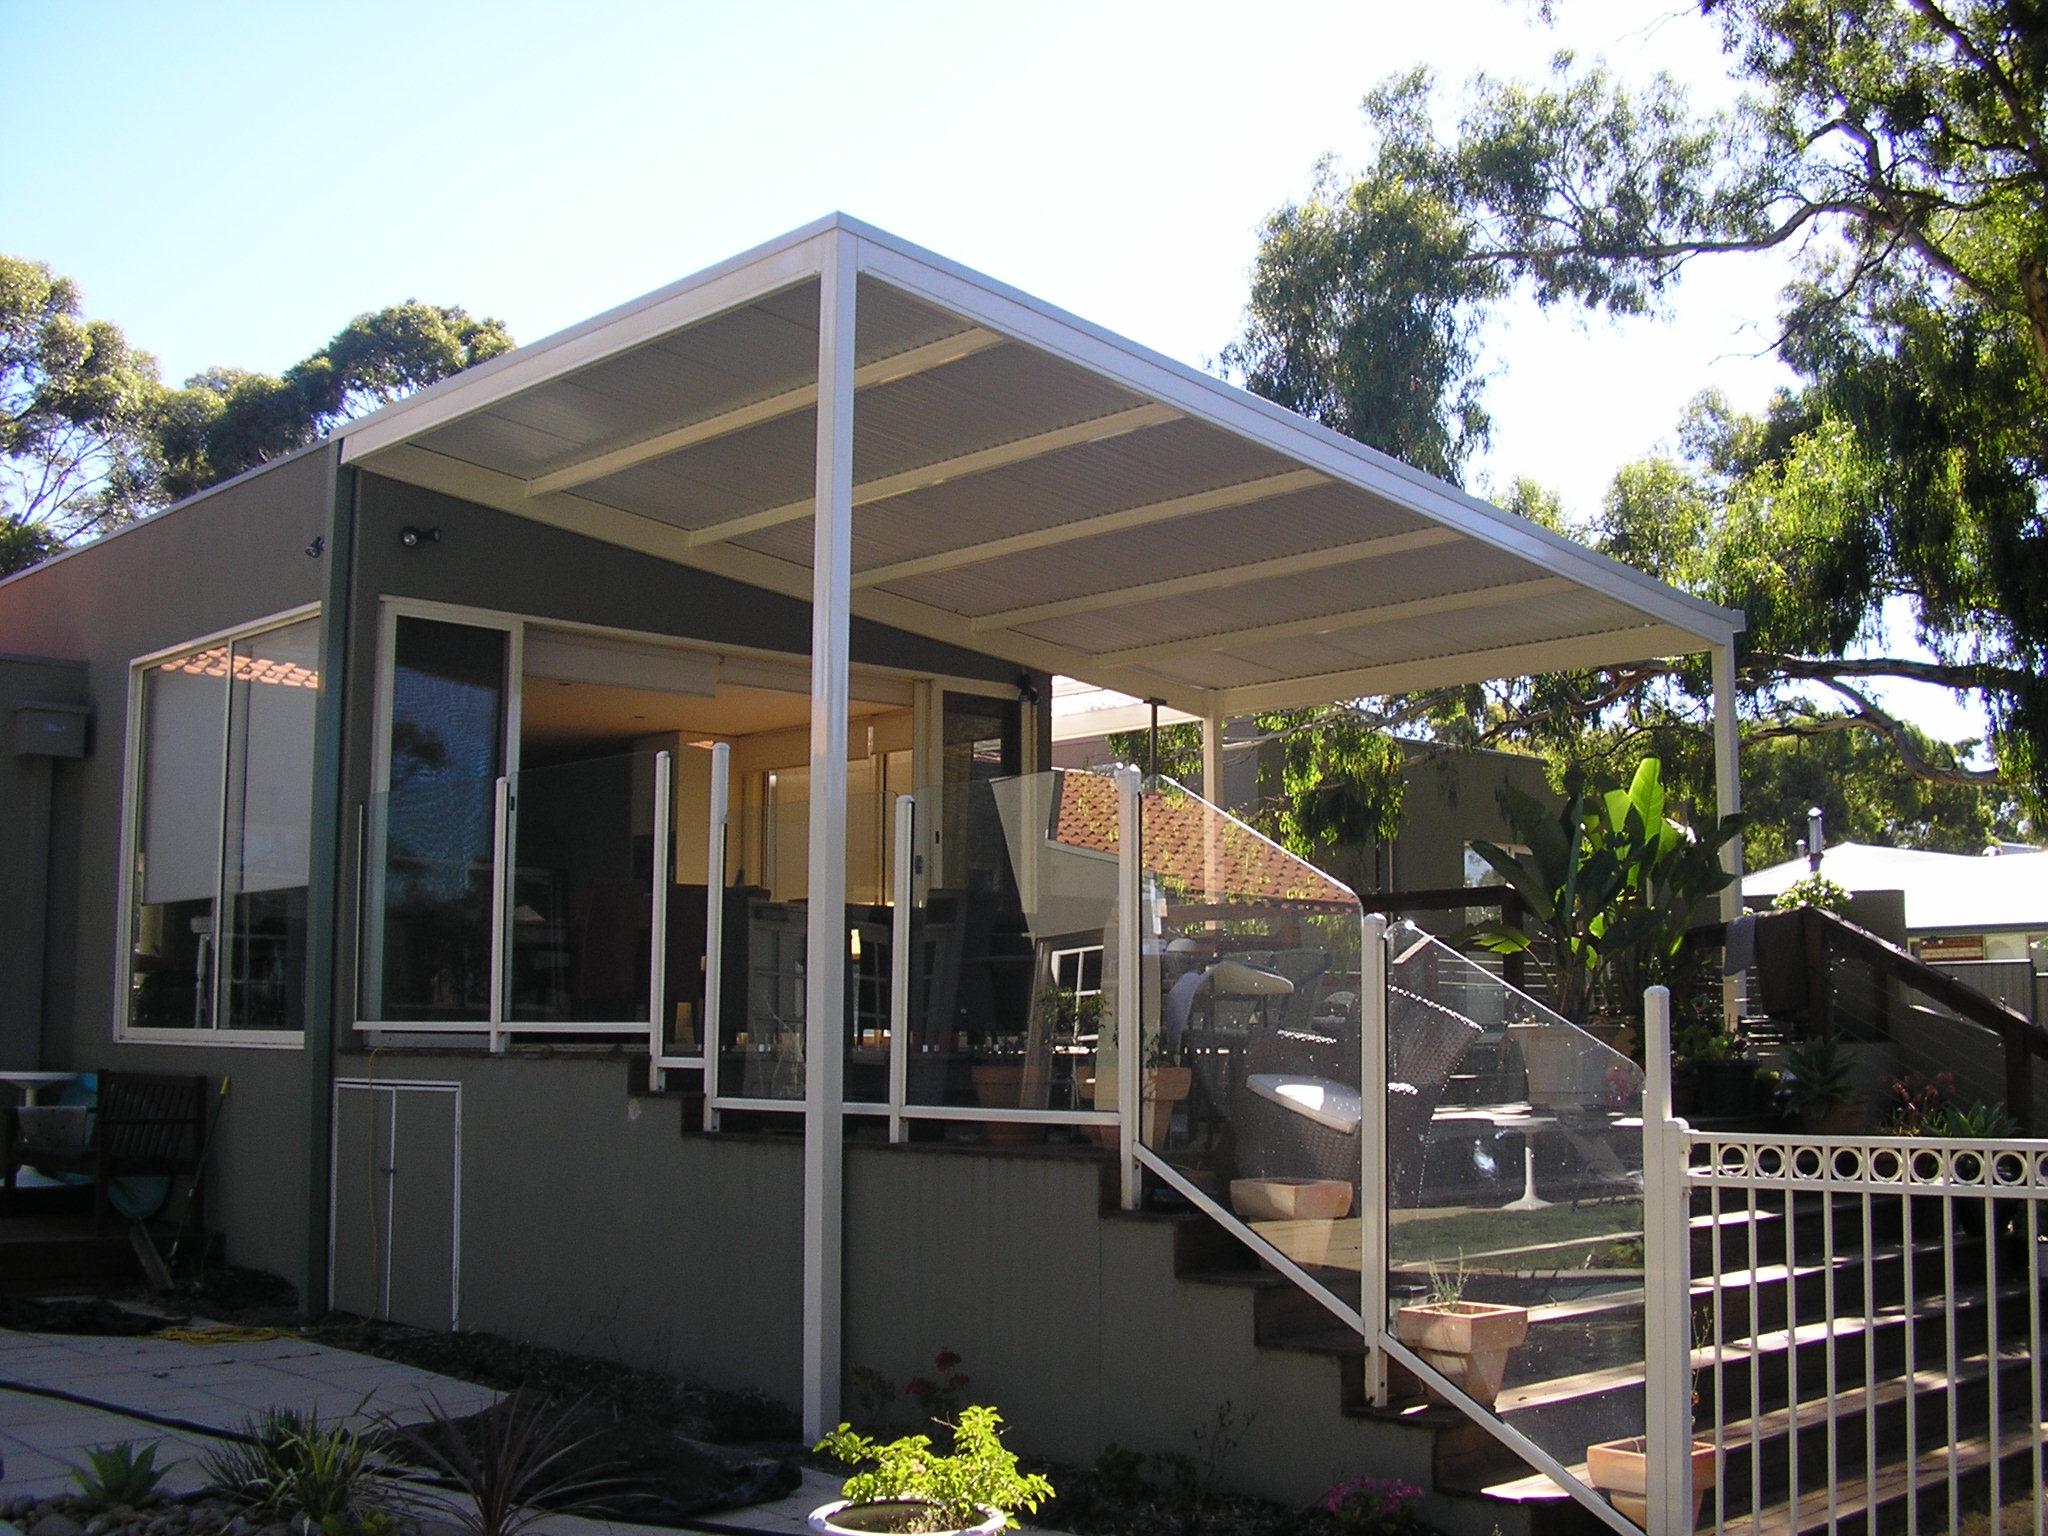 Roof Design Ideas: Pergolas Plus